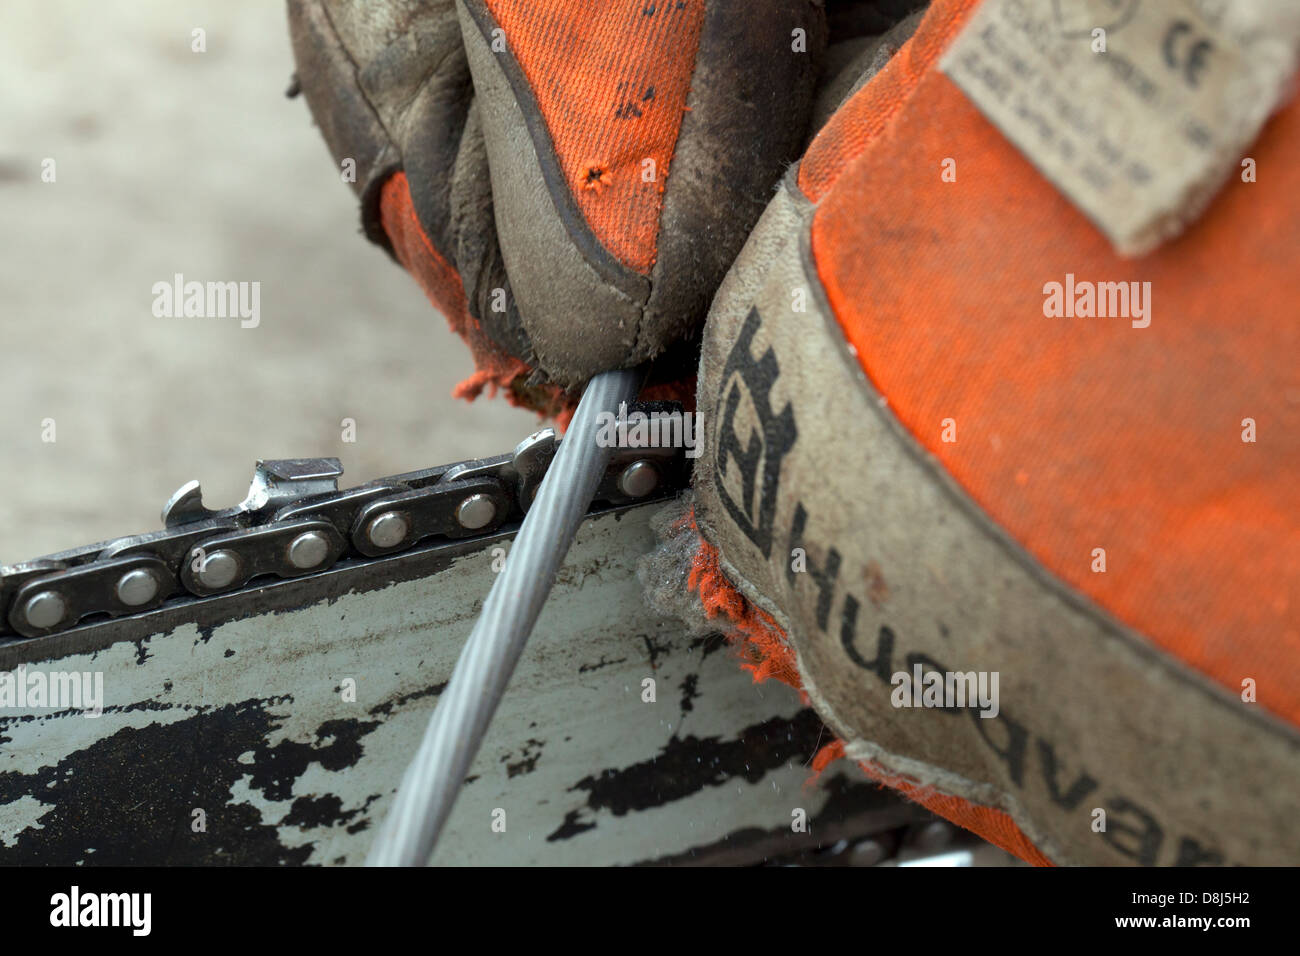 schärfen der messer der kette sägeblatt stockfoto, bild: 56947886